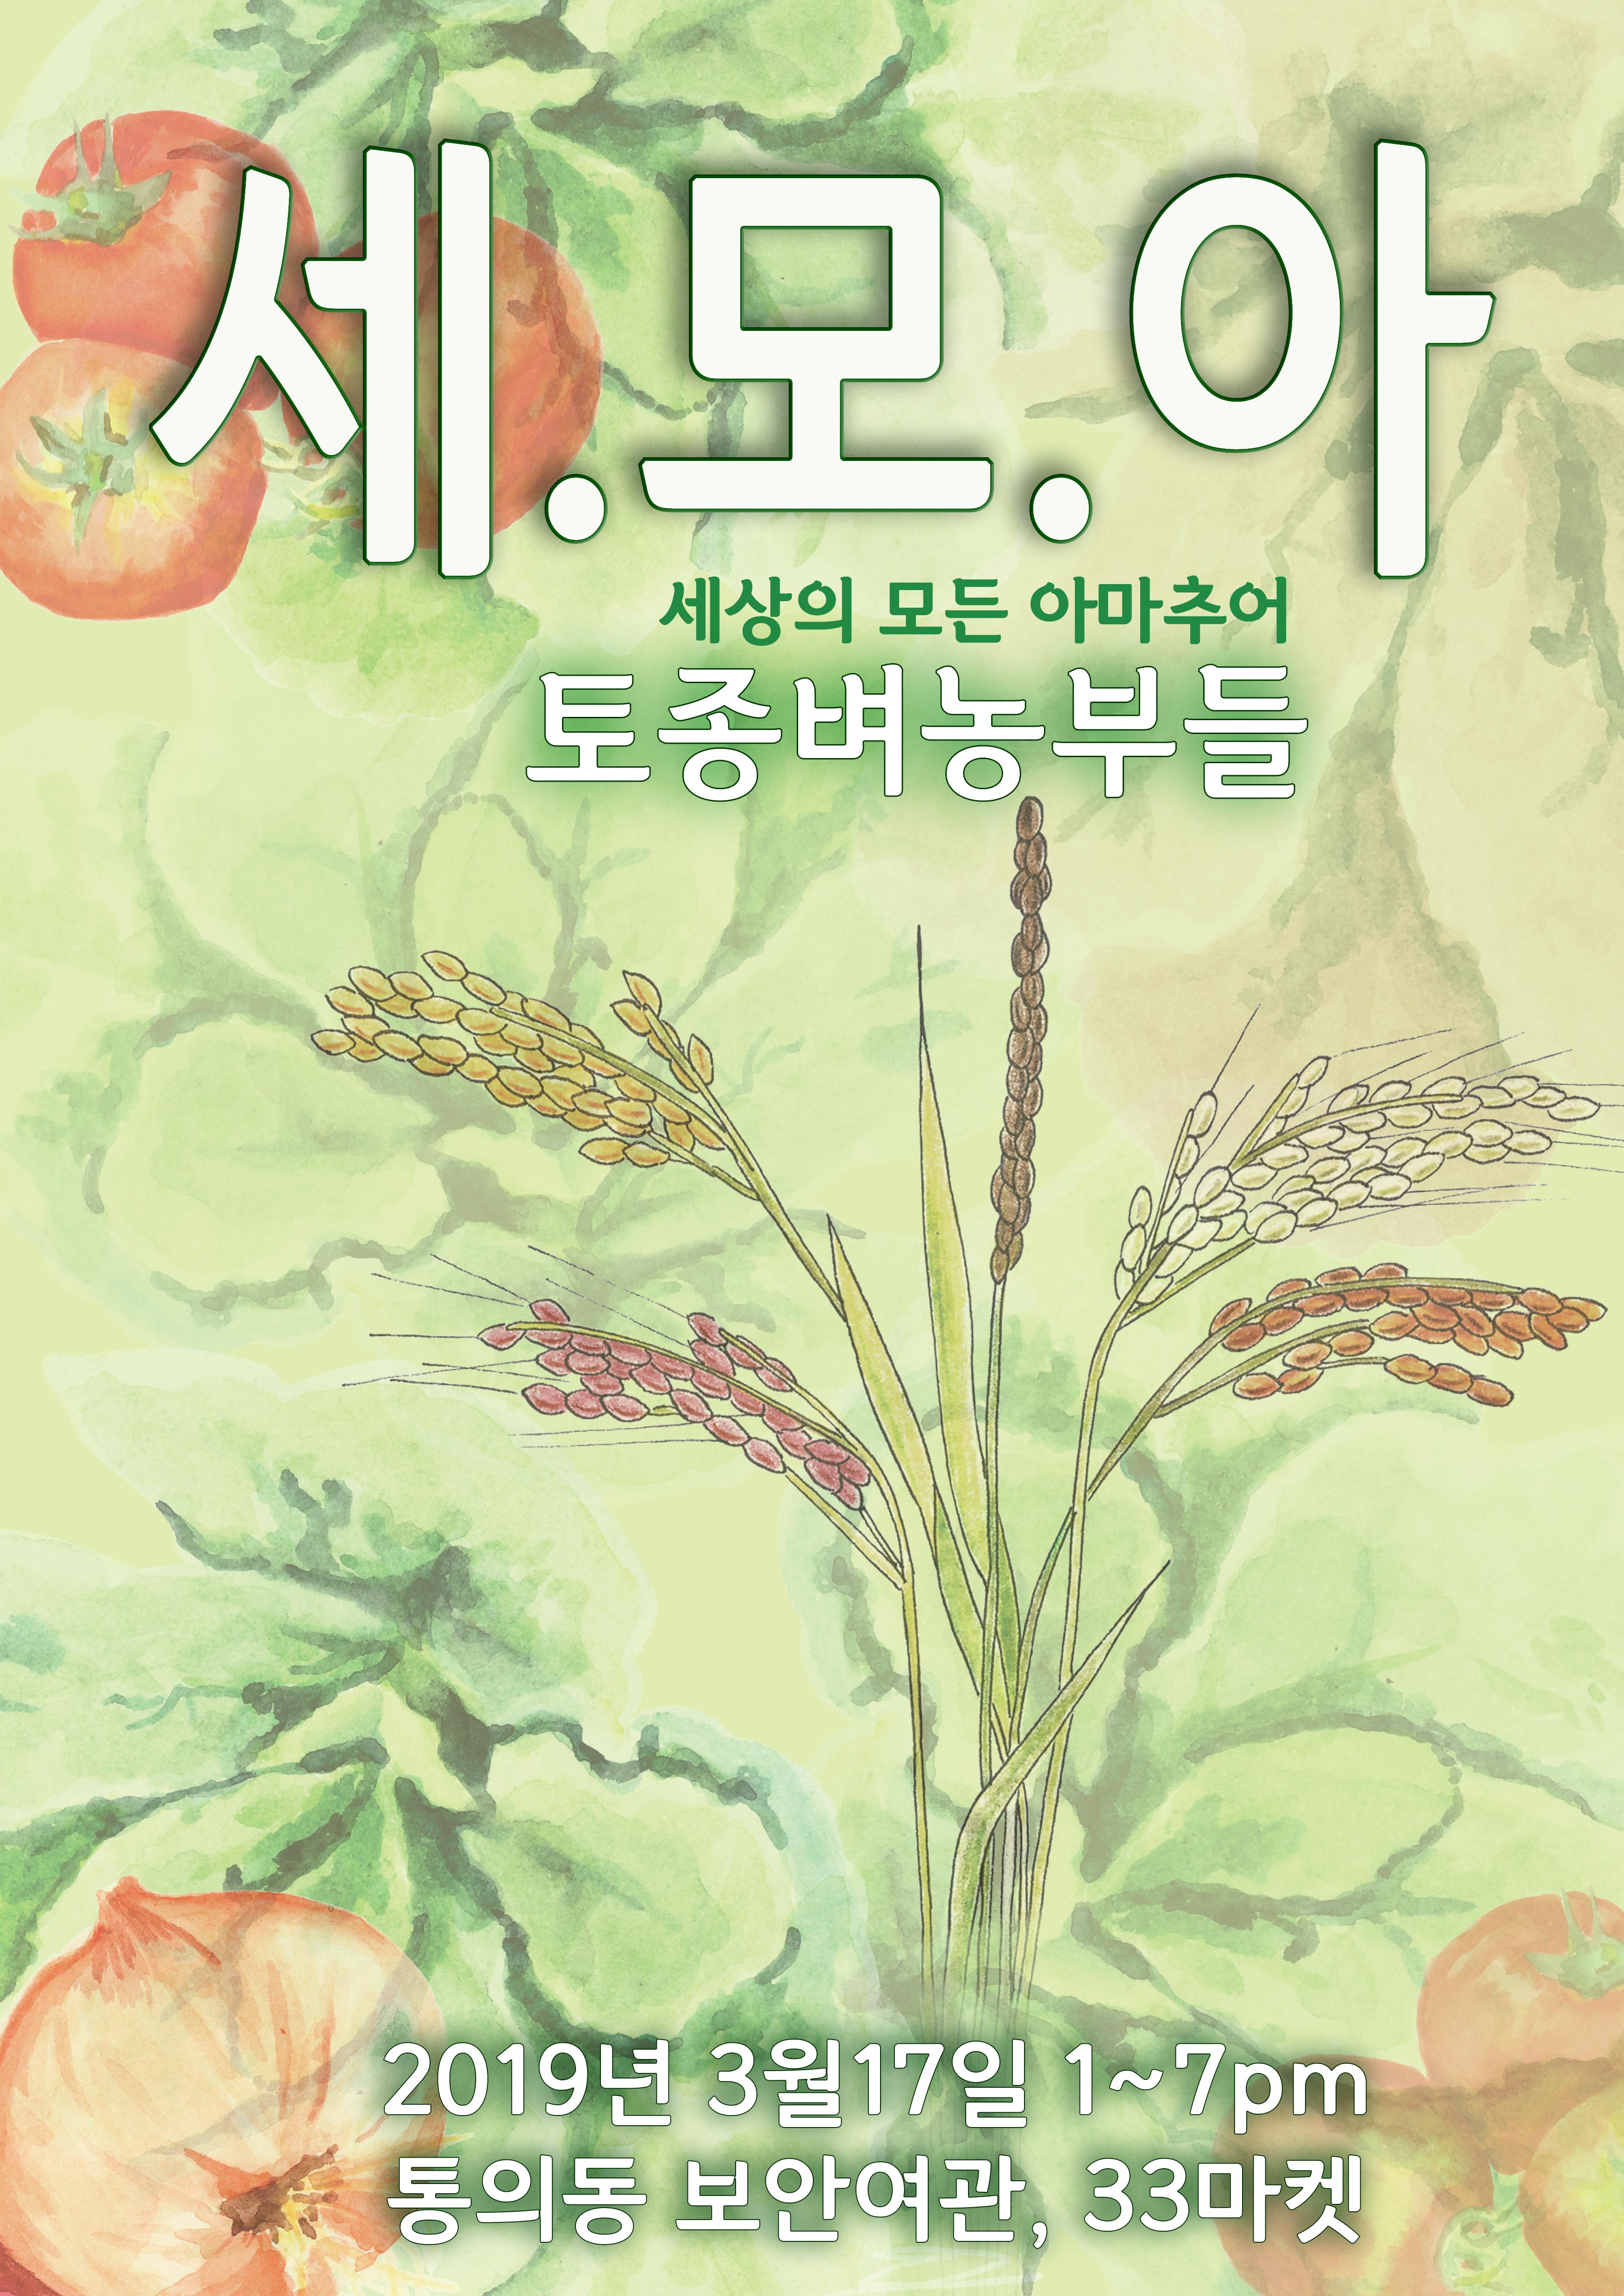 2019세모아01_poster(최종)